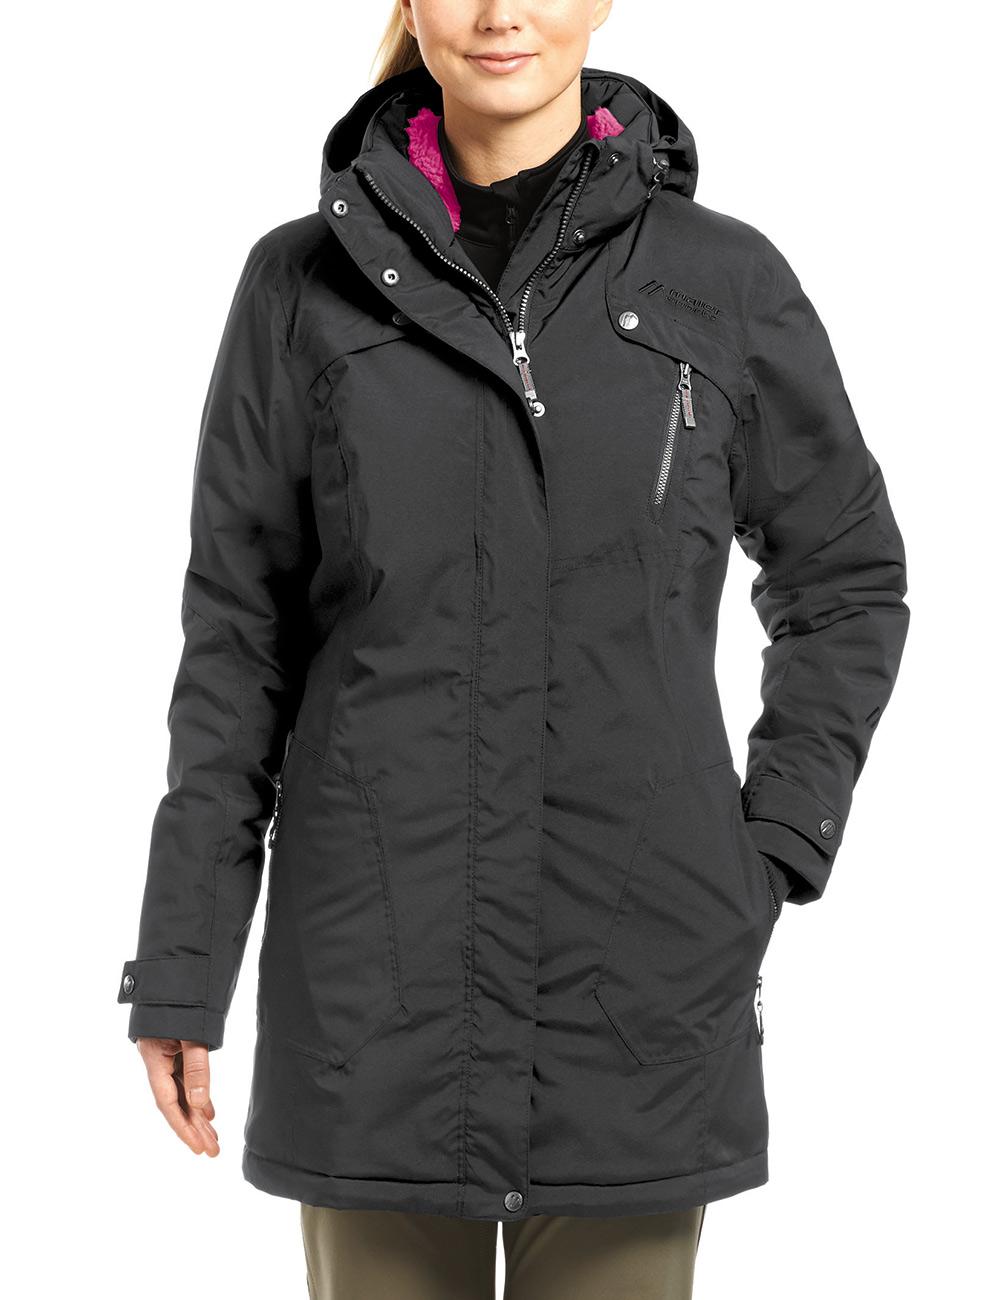 Пальто для активного отдыха MAIER 2016-17 MS comfort Priora black